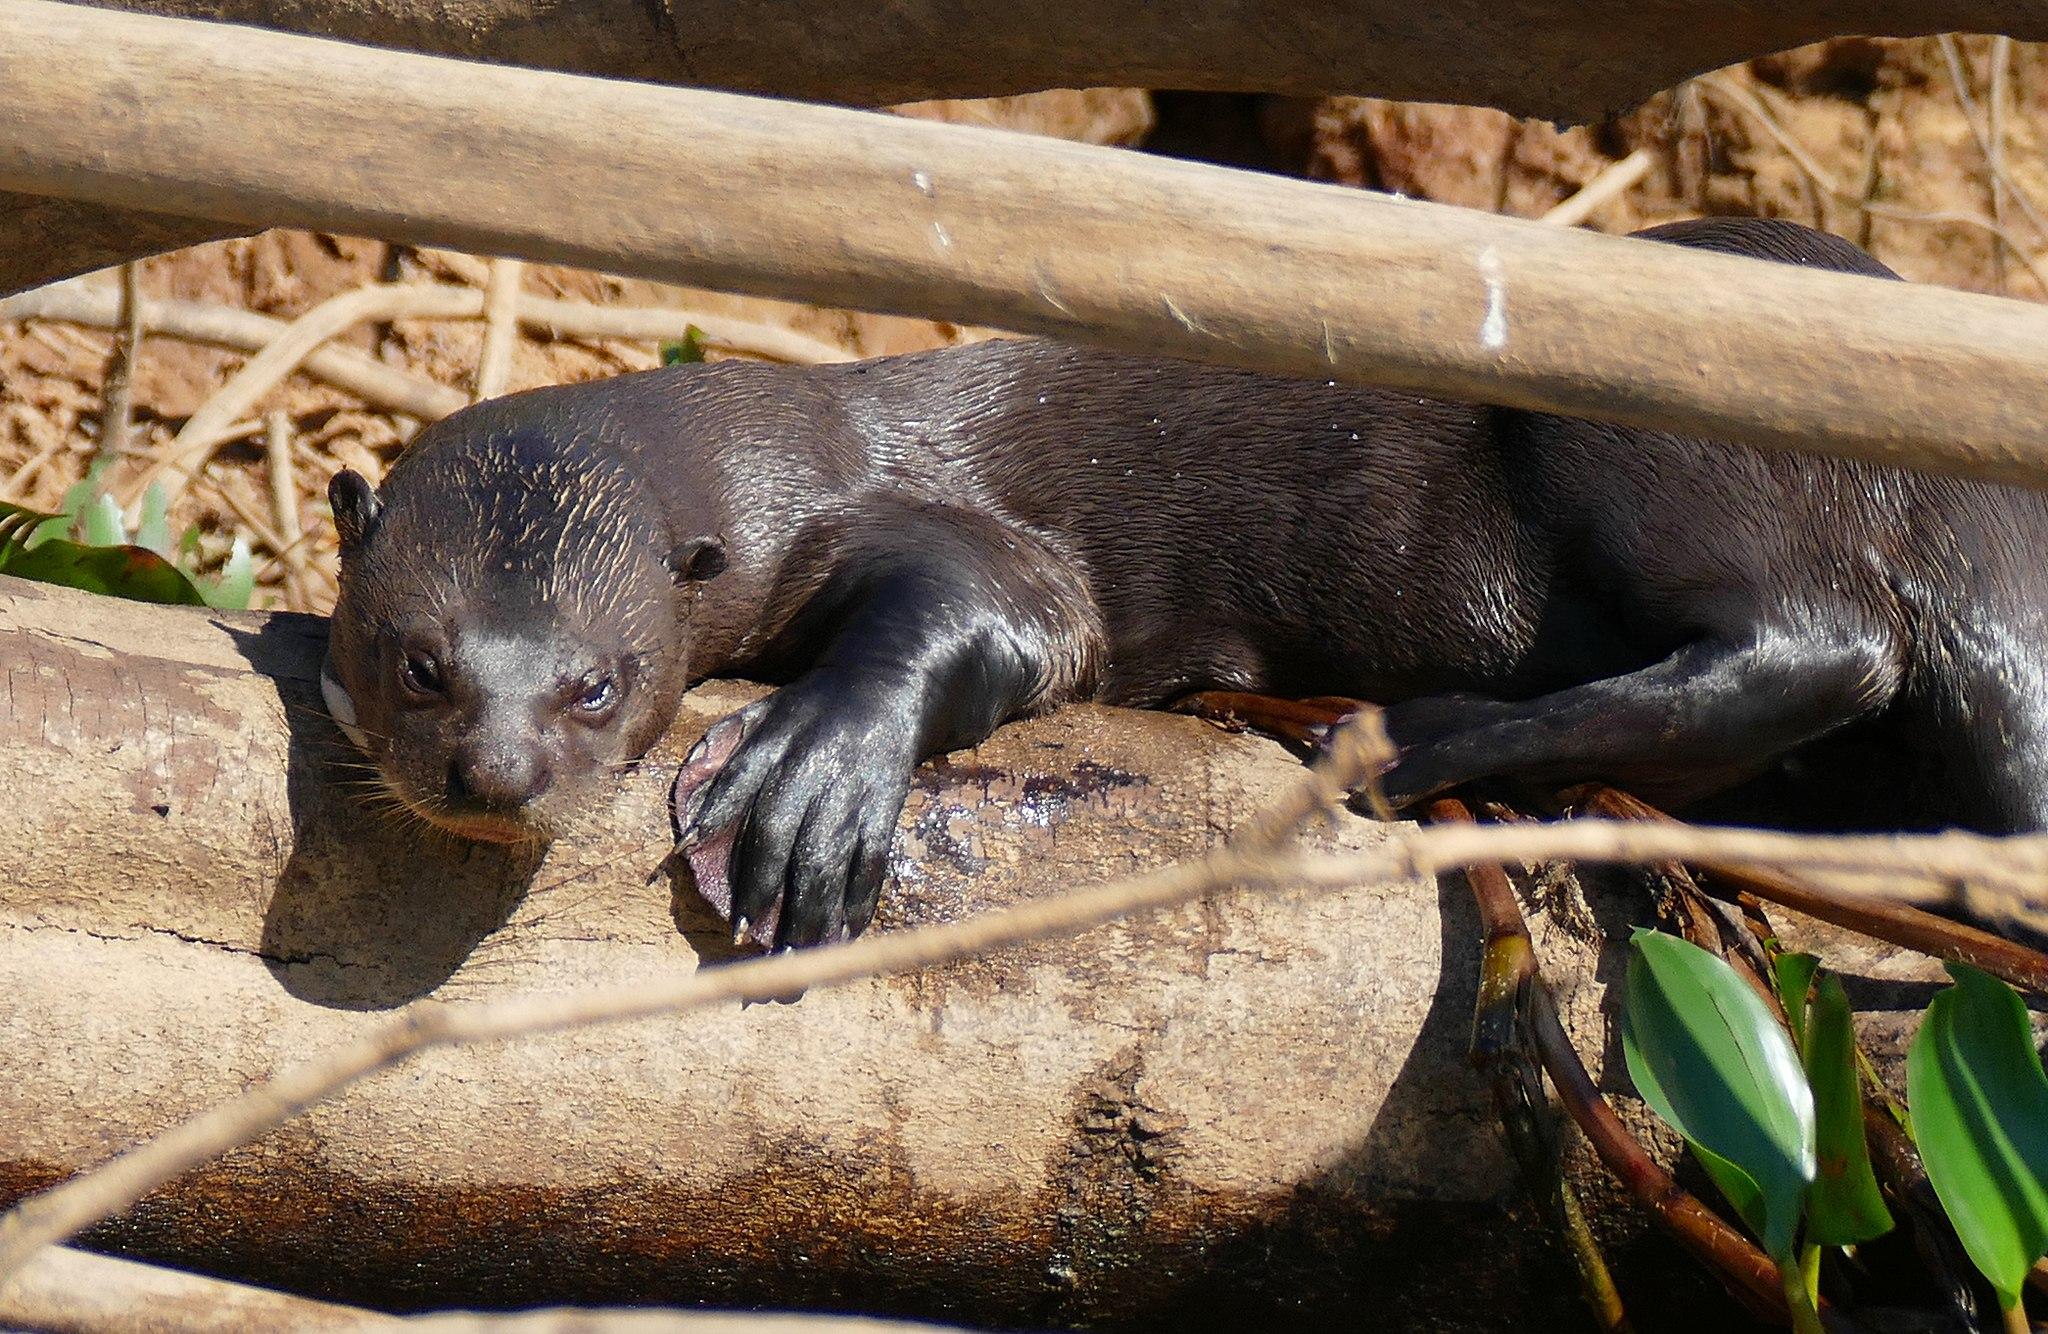 arirania amazońska, wydra olbrzymia, wilk rzeczny, blog o zwierzętach, animalistka, animalistka.pl